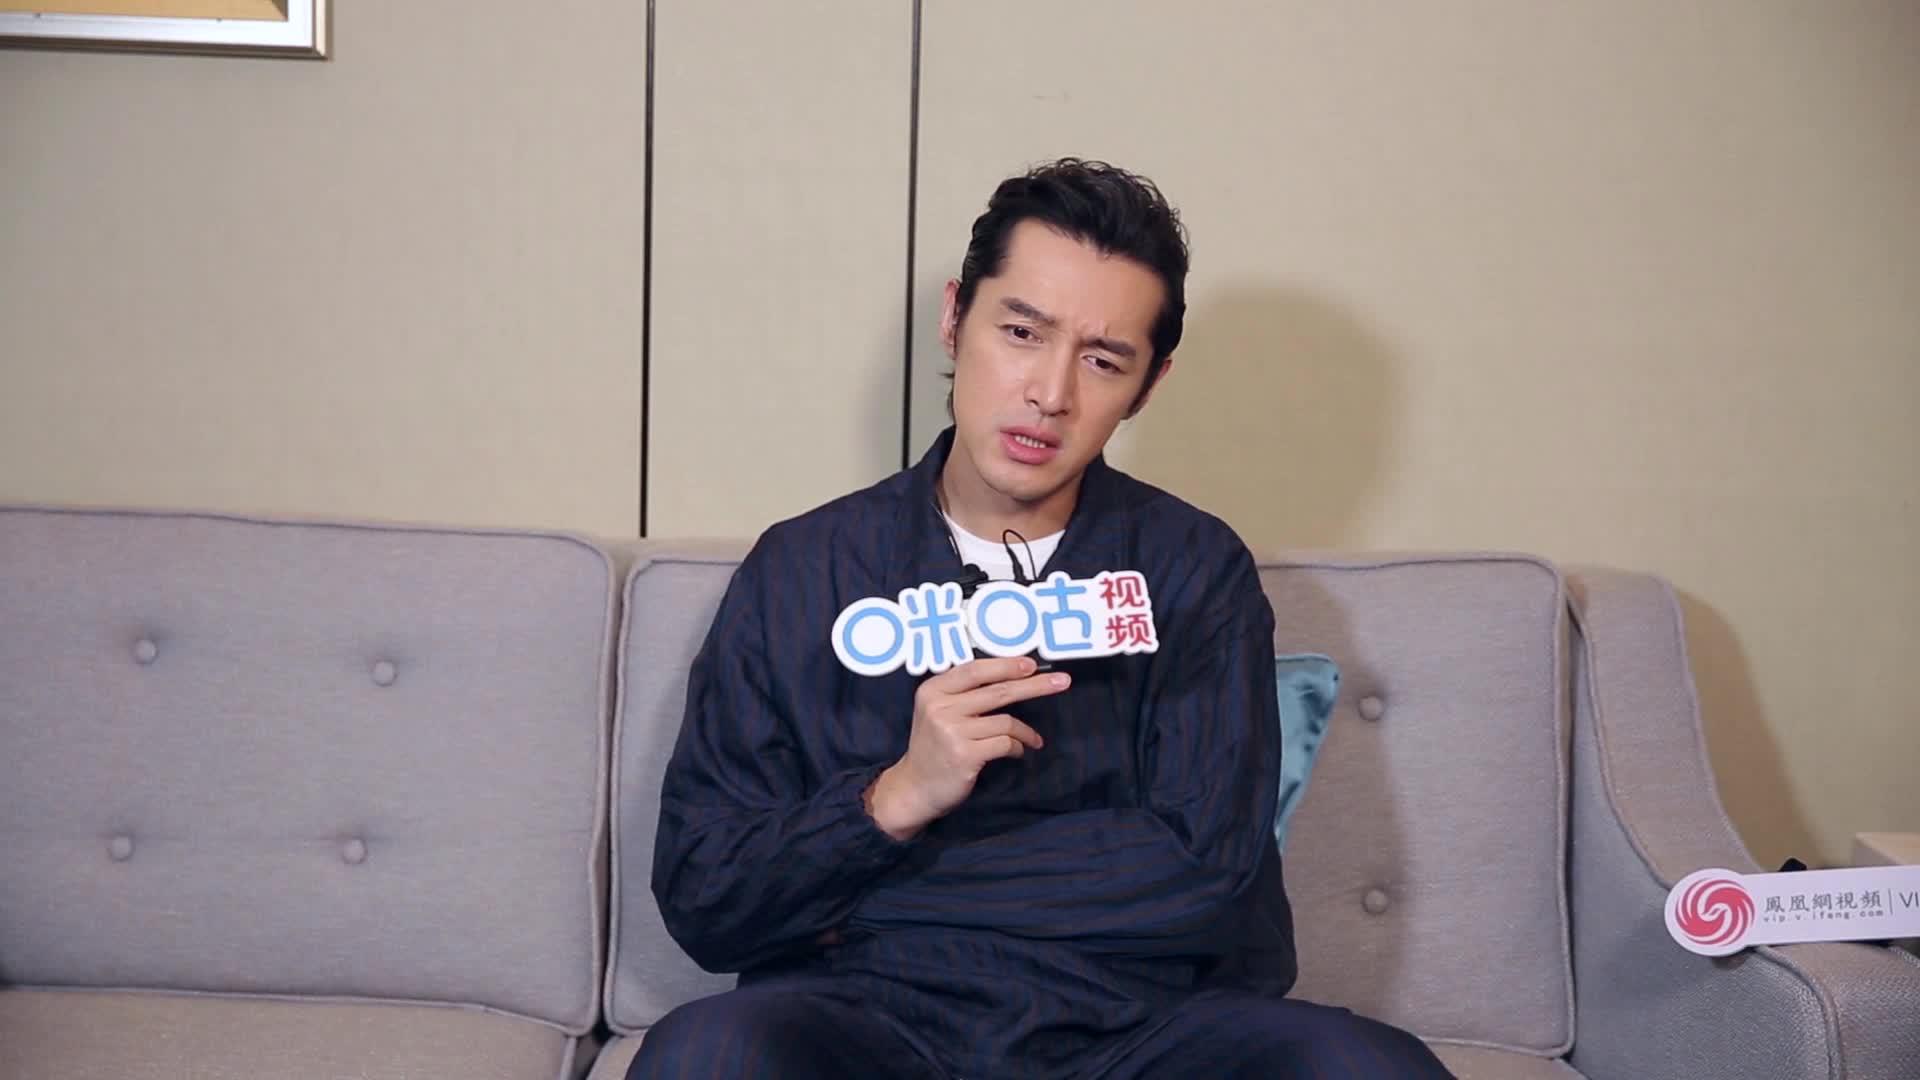 专访胡歌:首演亲密戏感觉很笨拙